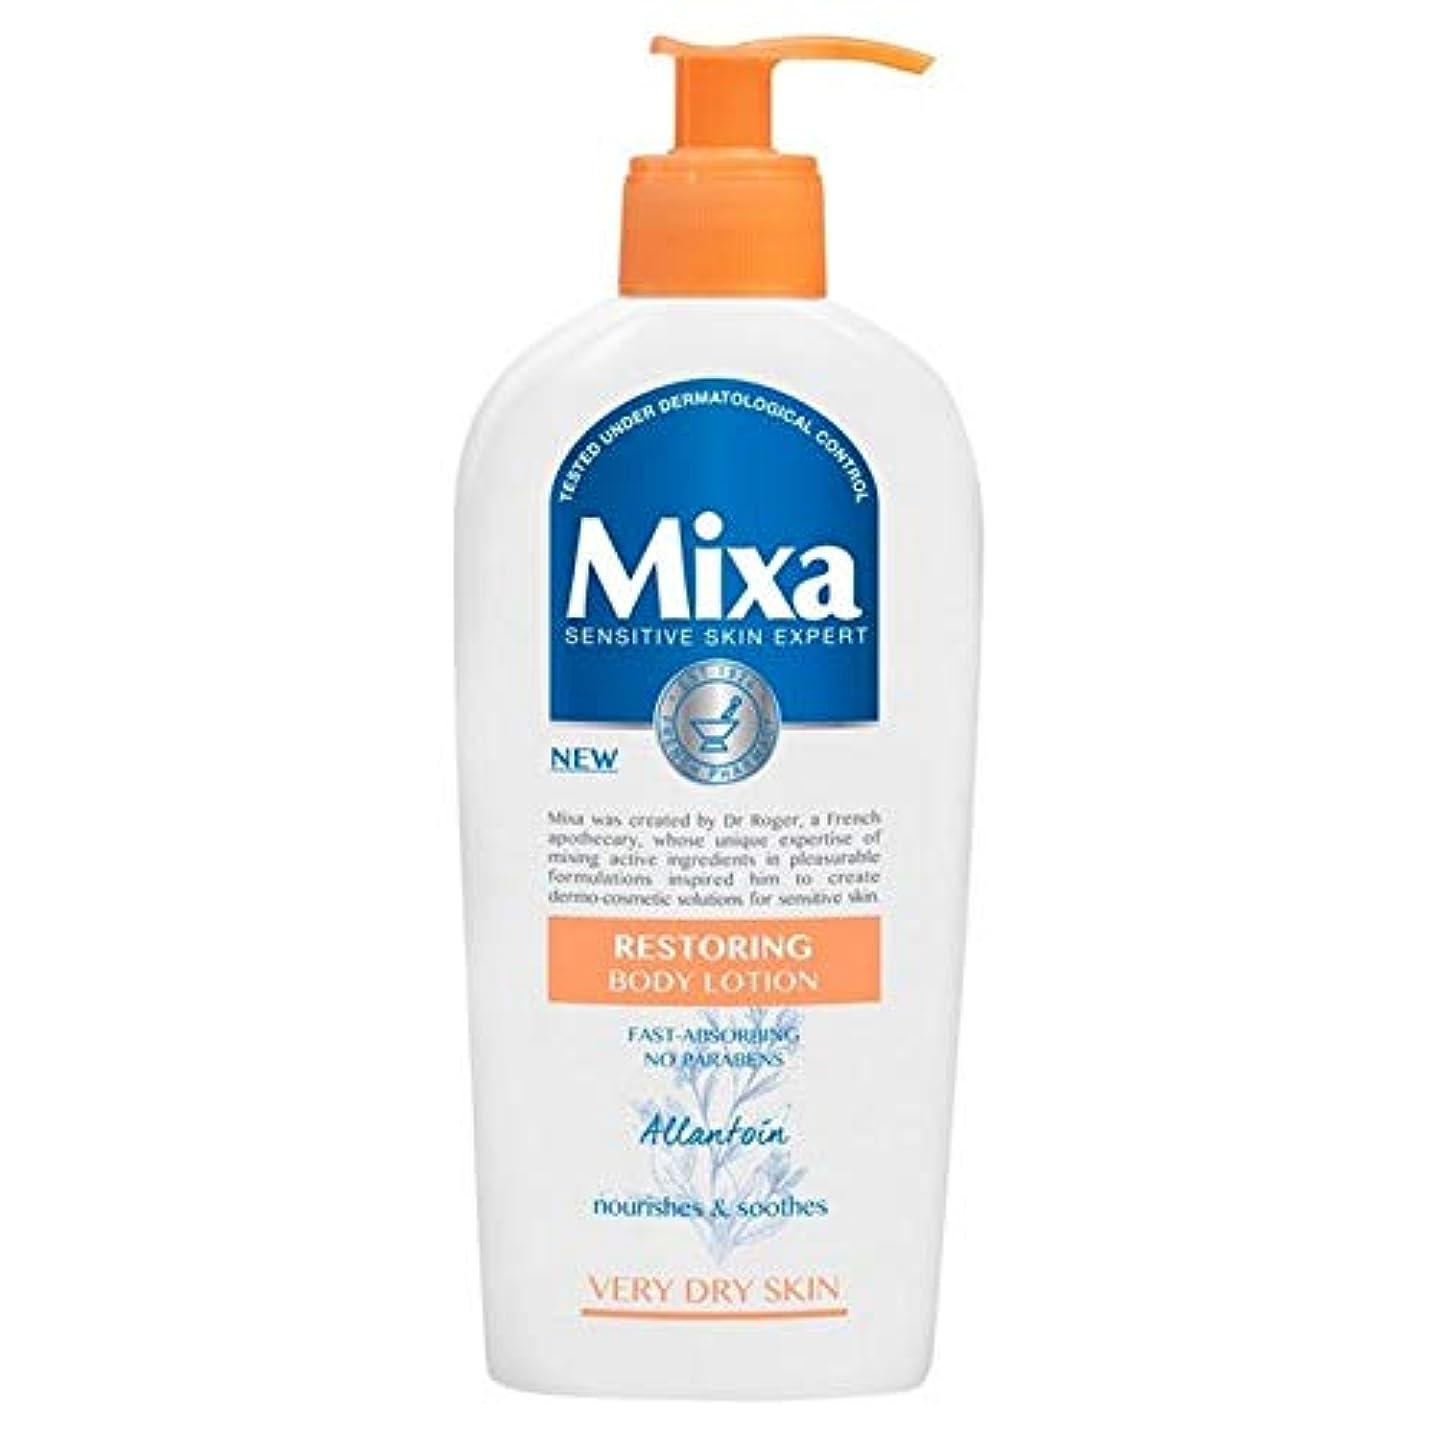 私遷移離す[Mixa] Mixa復元修理ボディローション250ミリリットル - Mixa Restoring Repair Body Lotion 250ml [並行輸入品]